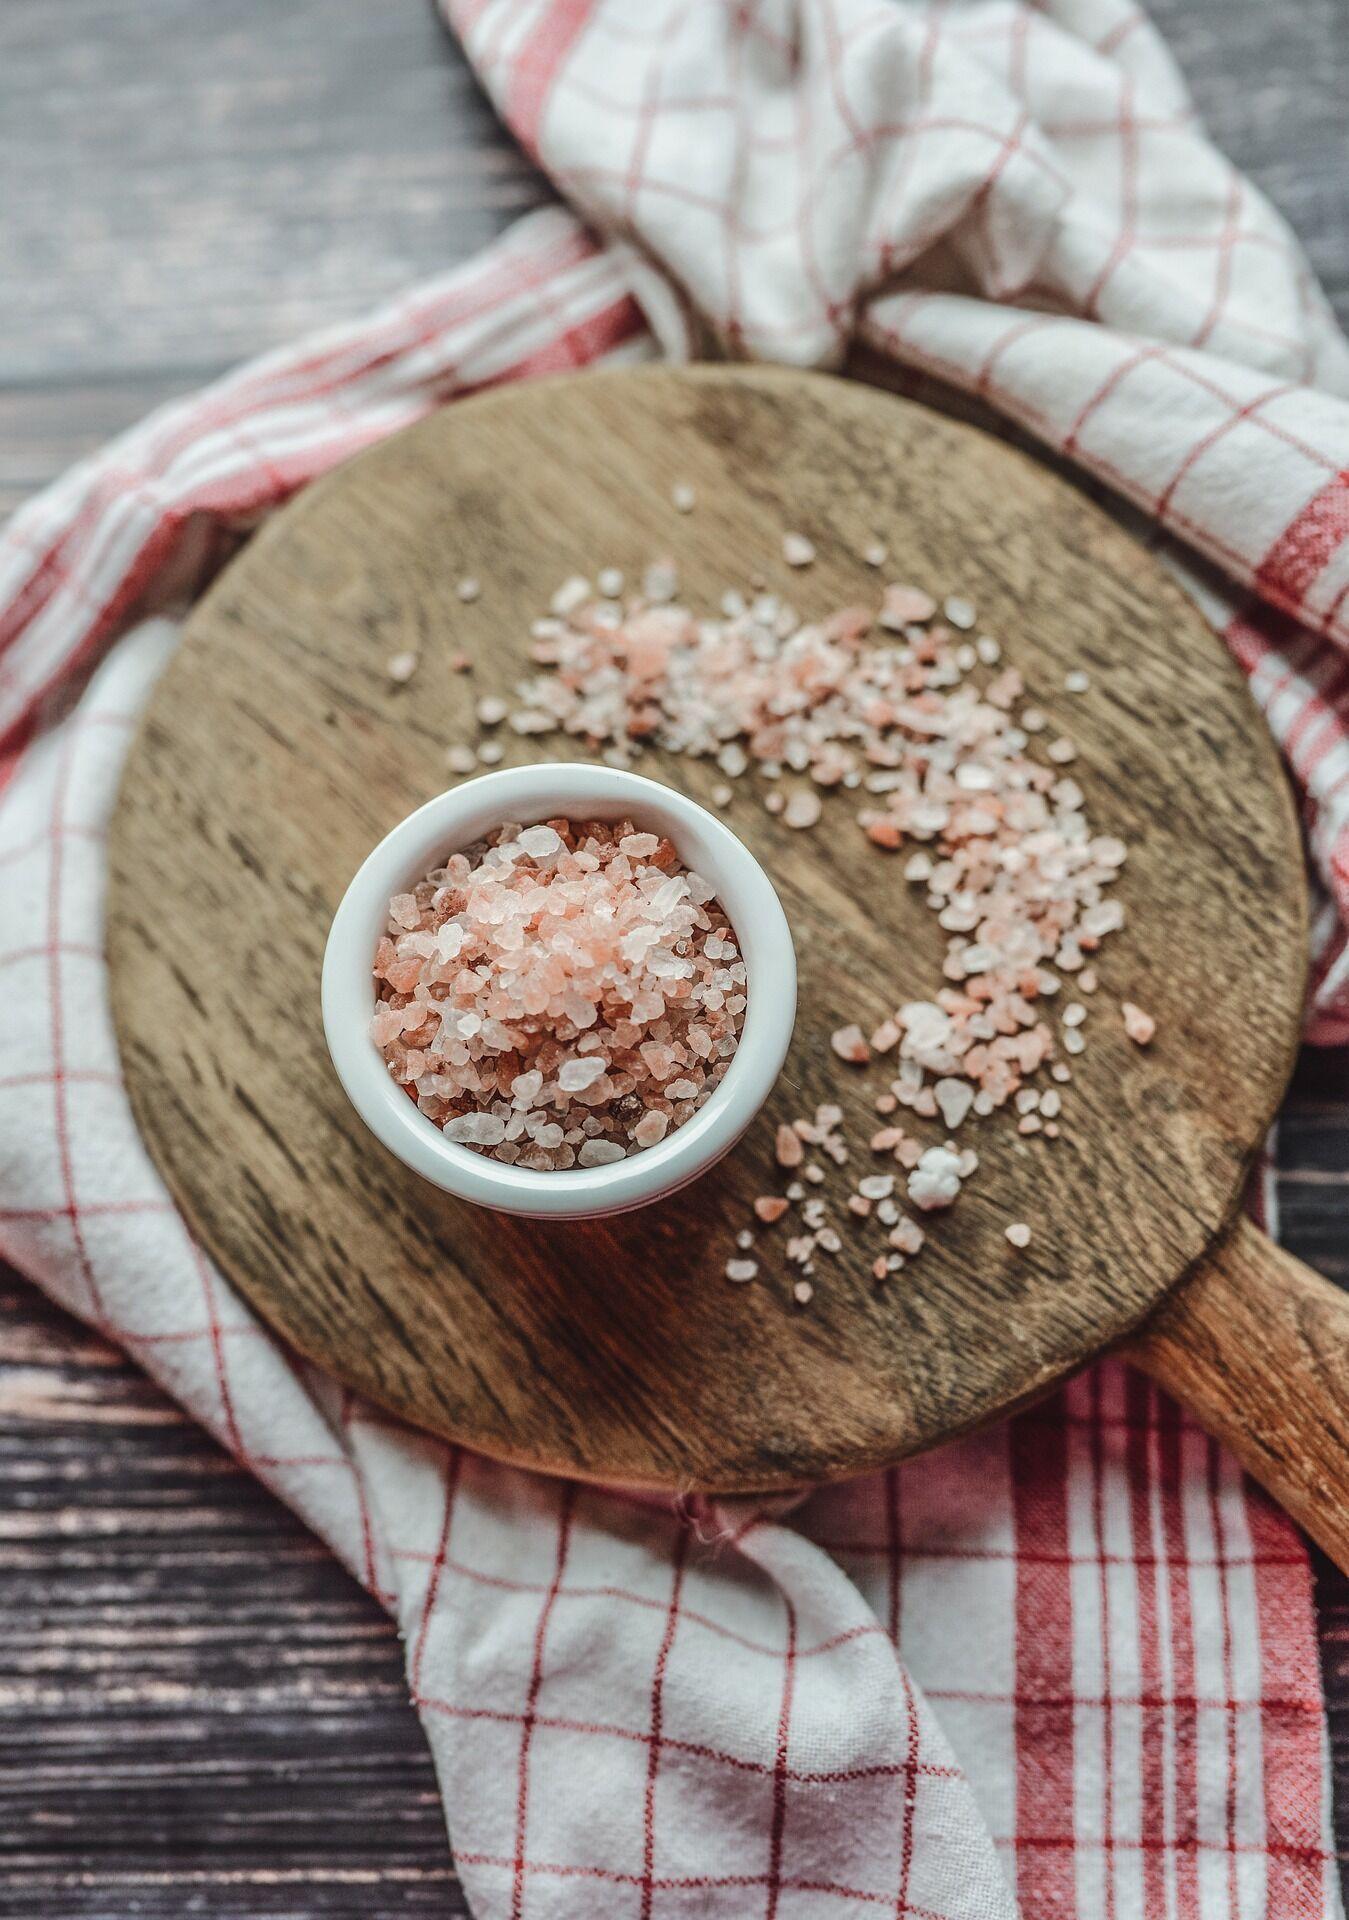 Як точно відміряти сіль